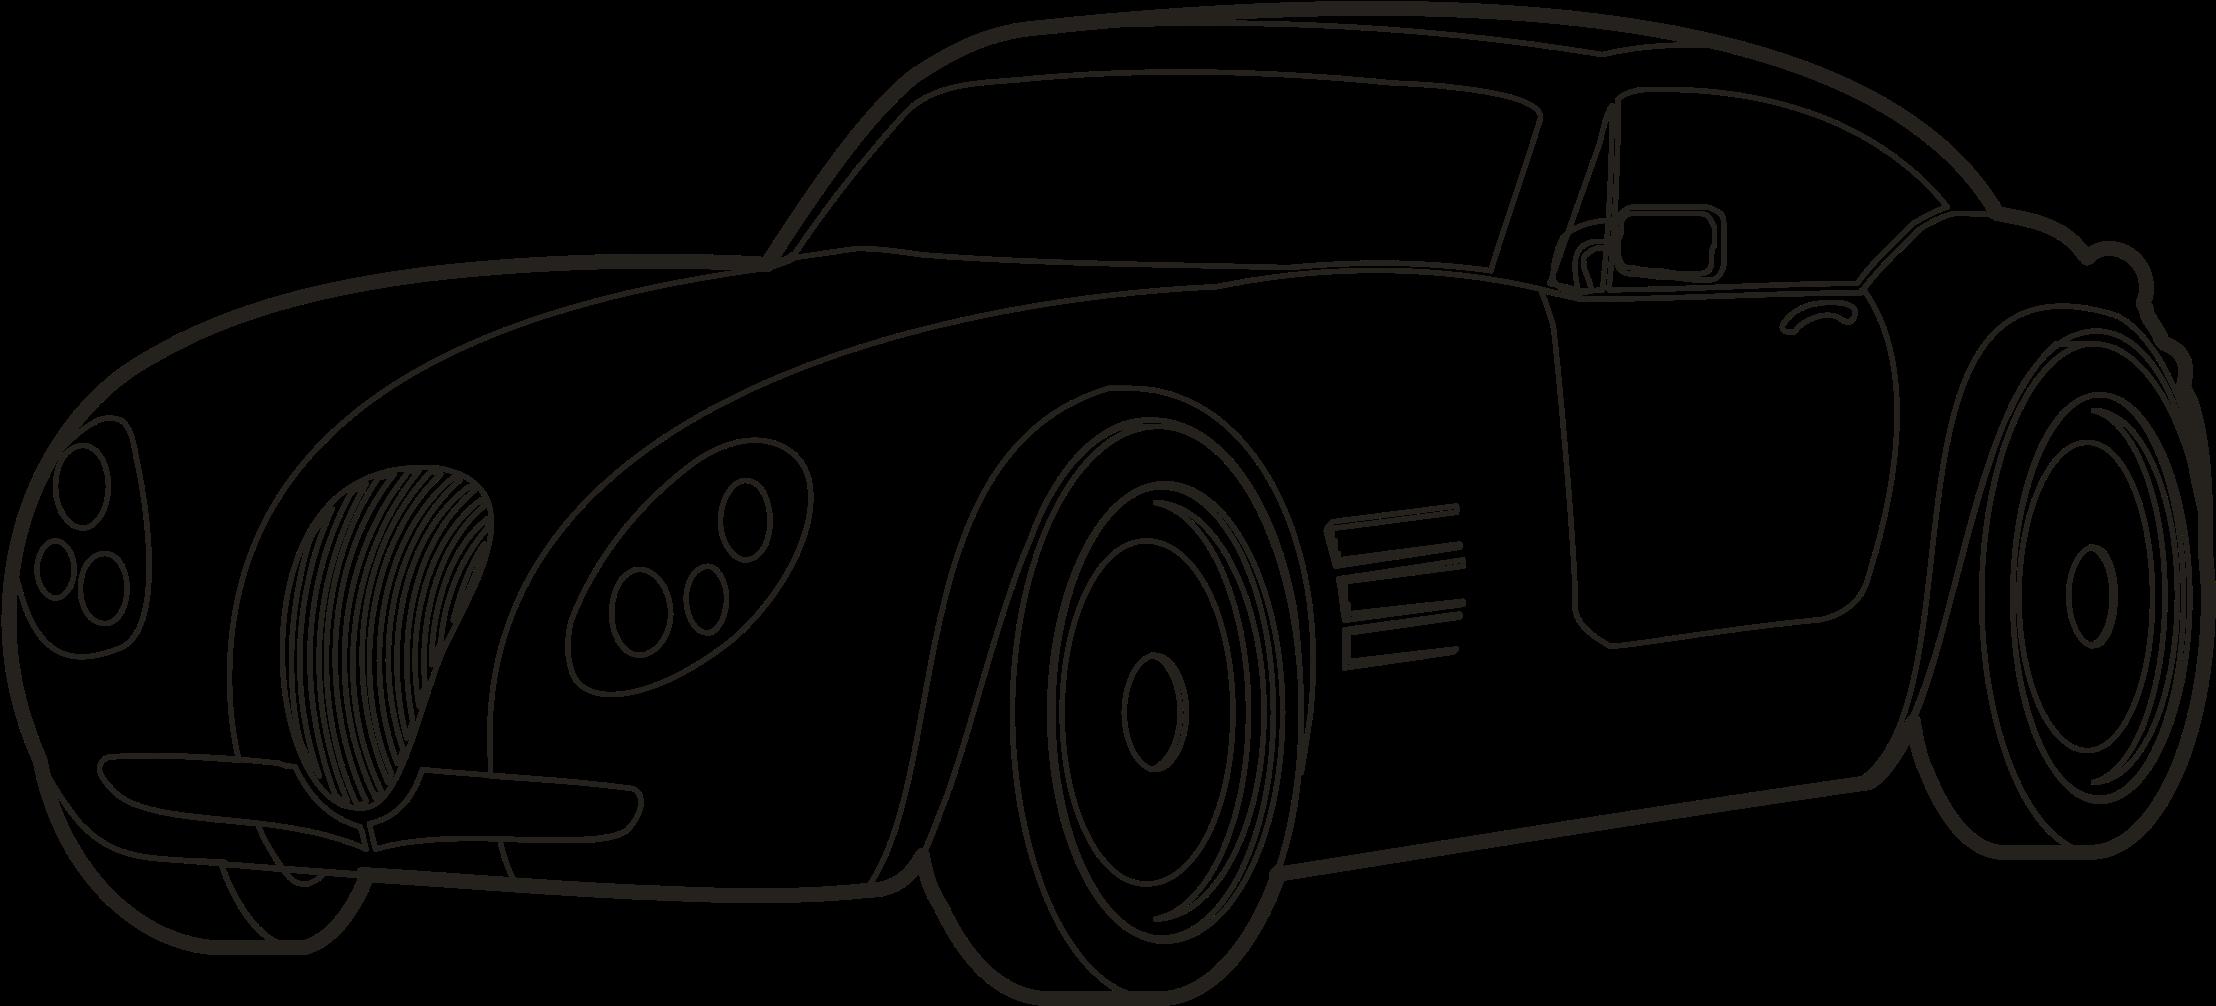 HD Drawing Sport Car.